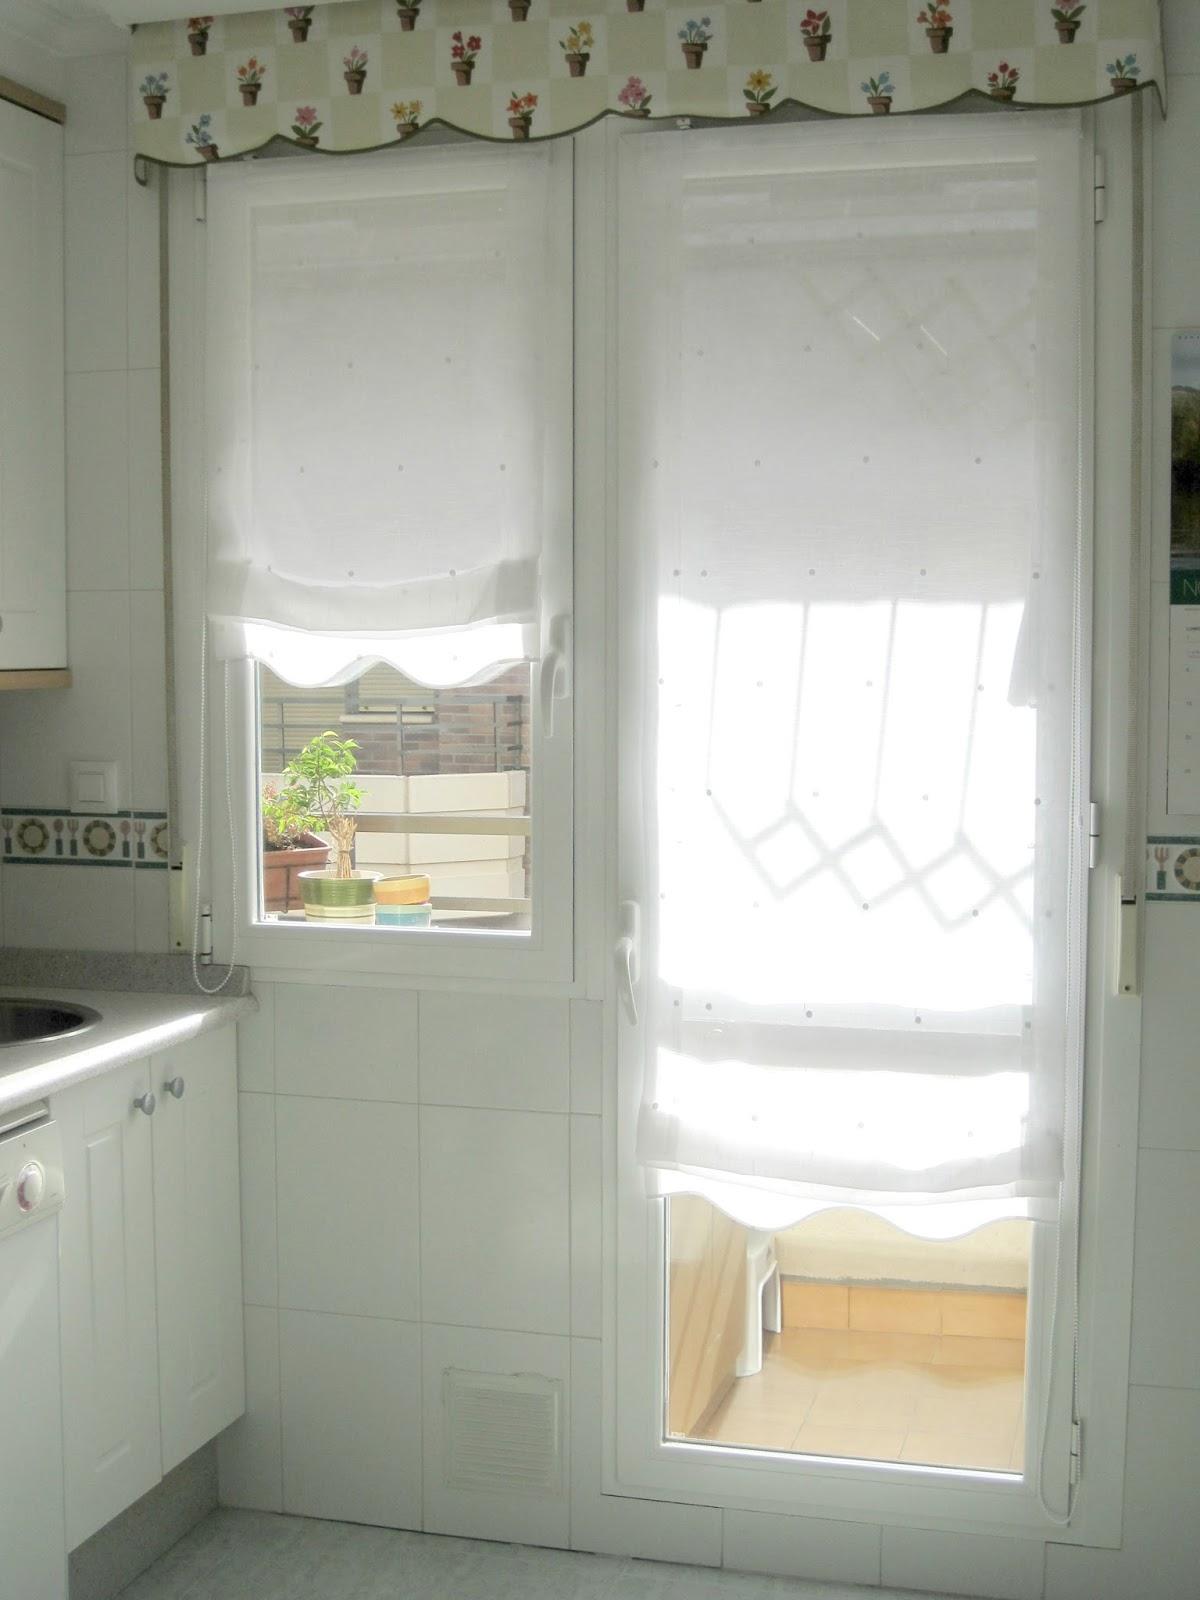 Gu a de cortinas estores enrollables para tu cocina for Visillos cocina